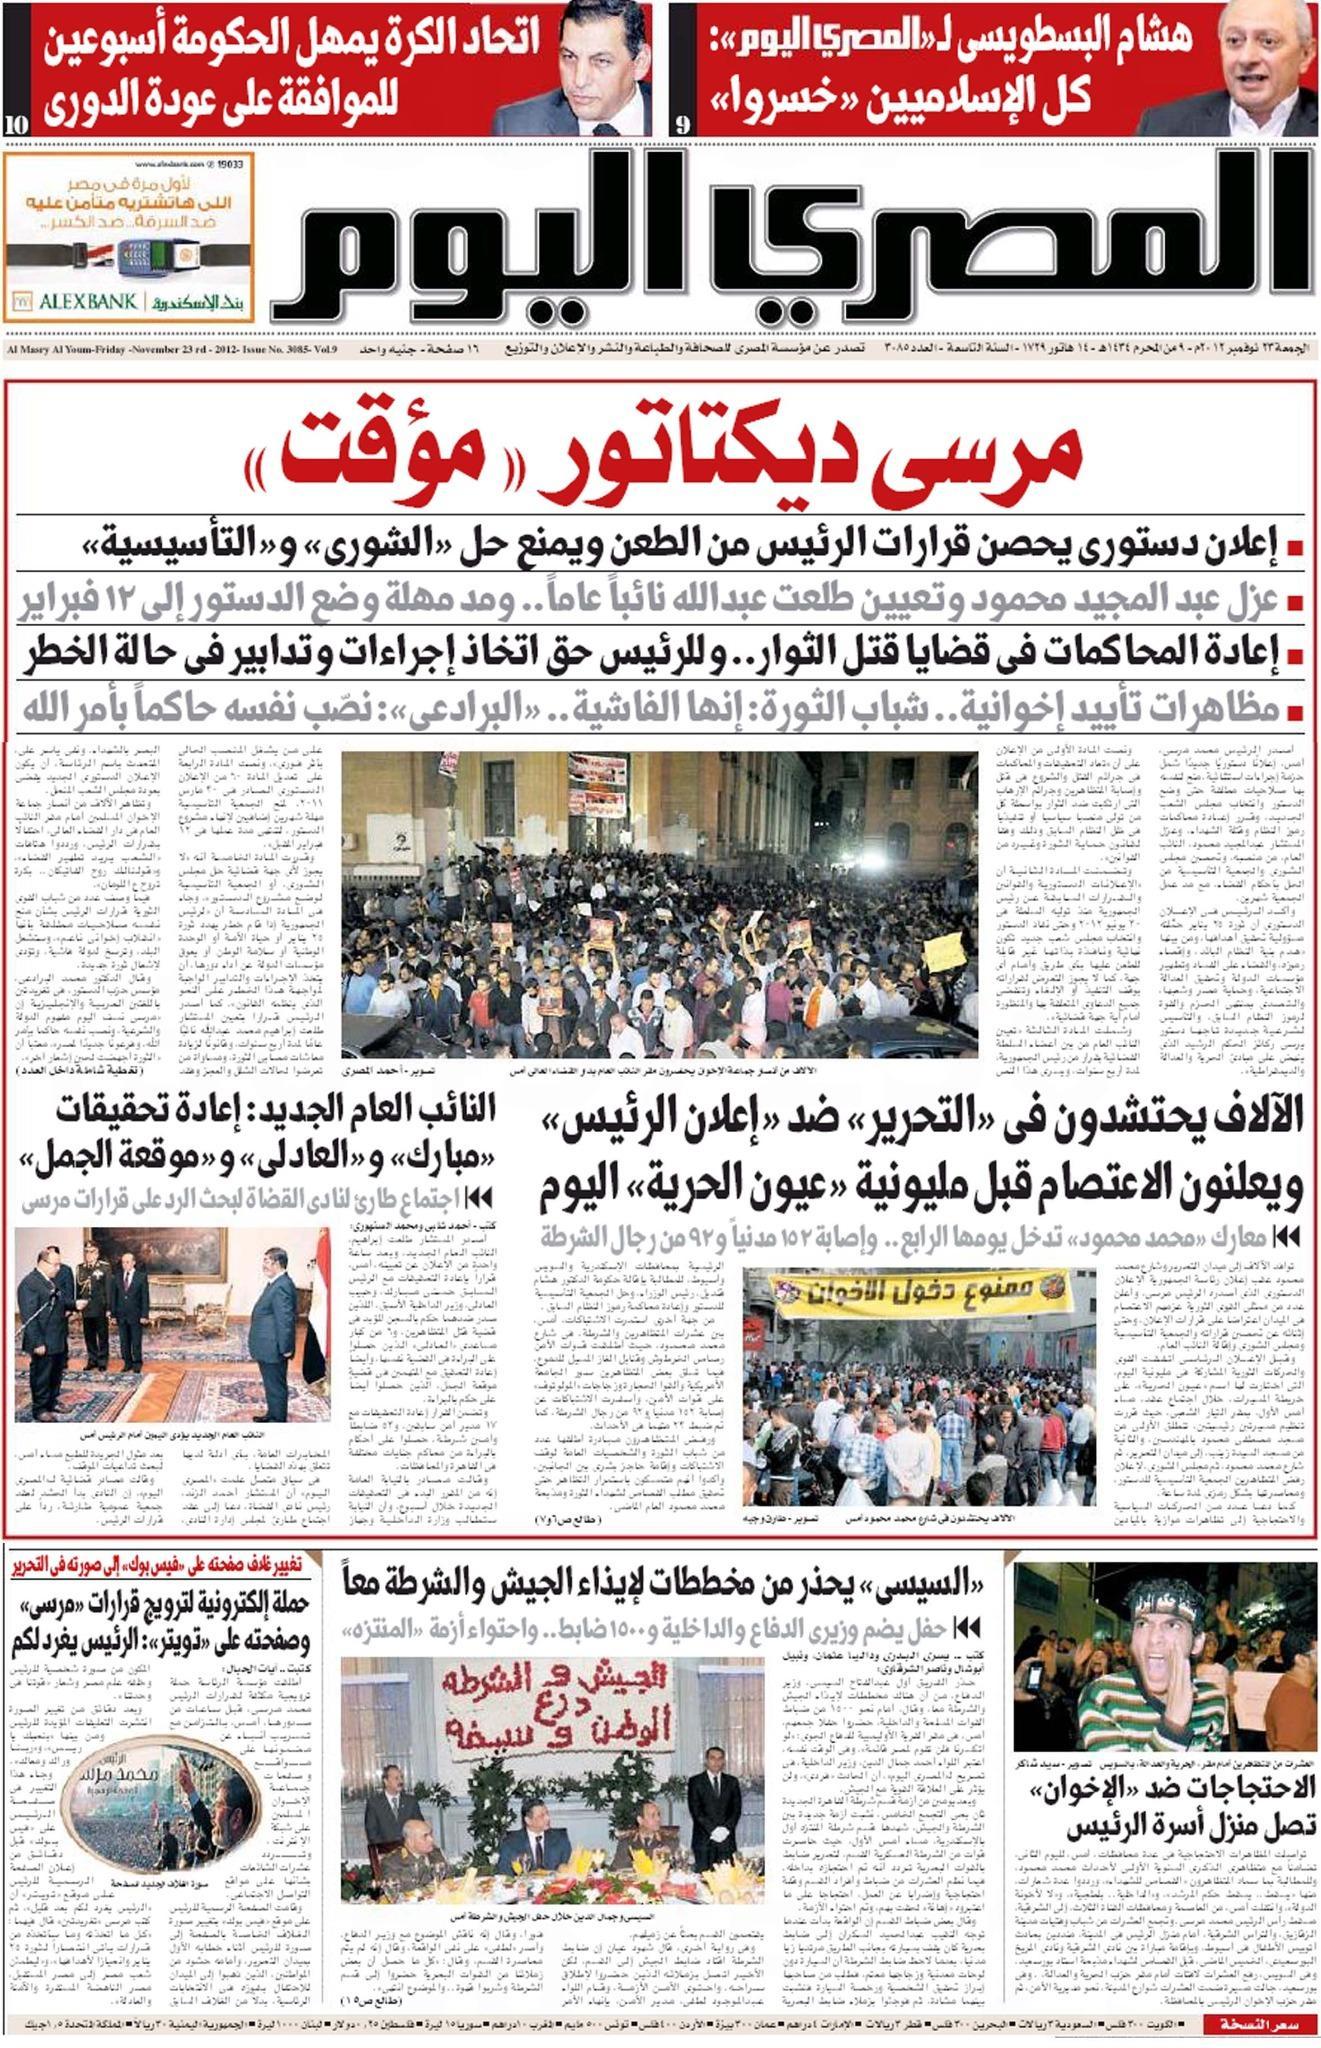 الى اين ..................................... يا مصر A8VKBILCMAALVwB.jpg: